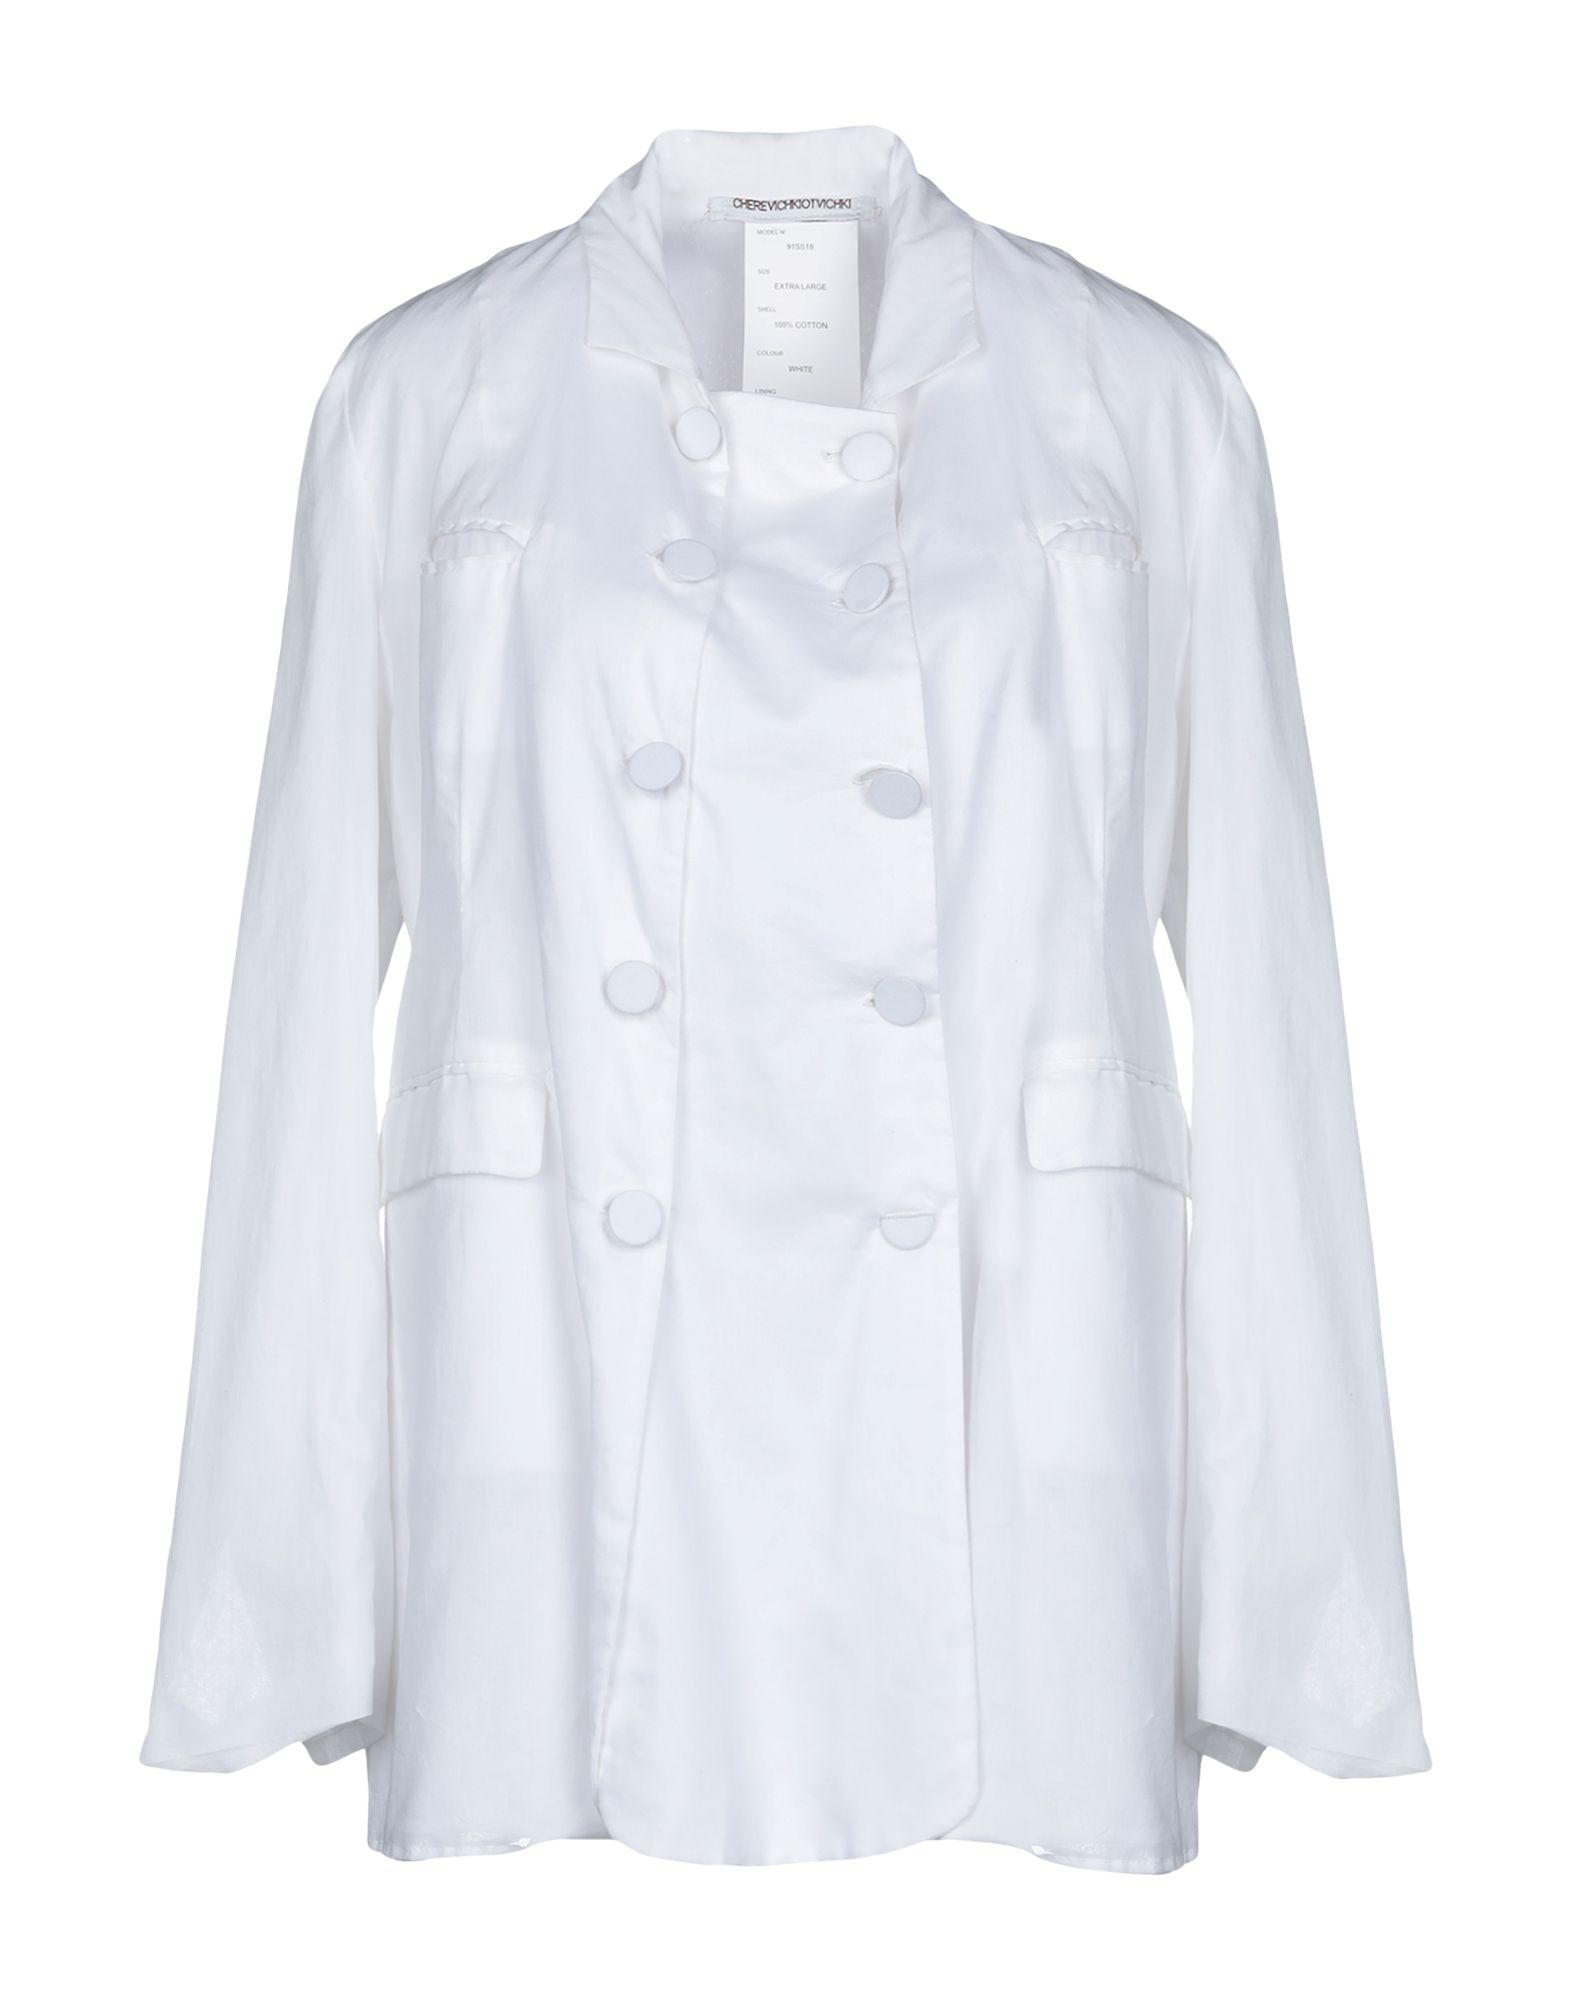 《送料無料》CHEREVICHKIOTVICHKI レディース テーラードジャケット ホワイト M コットン